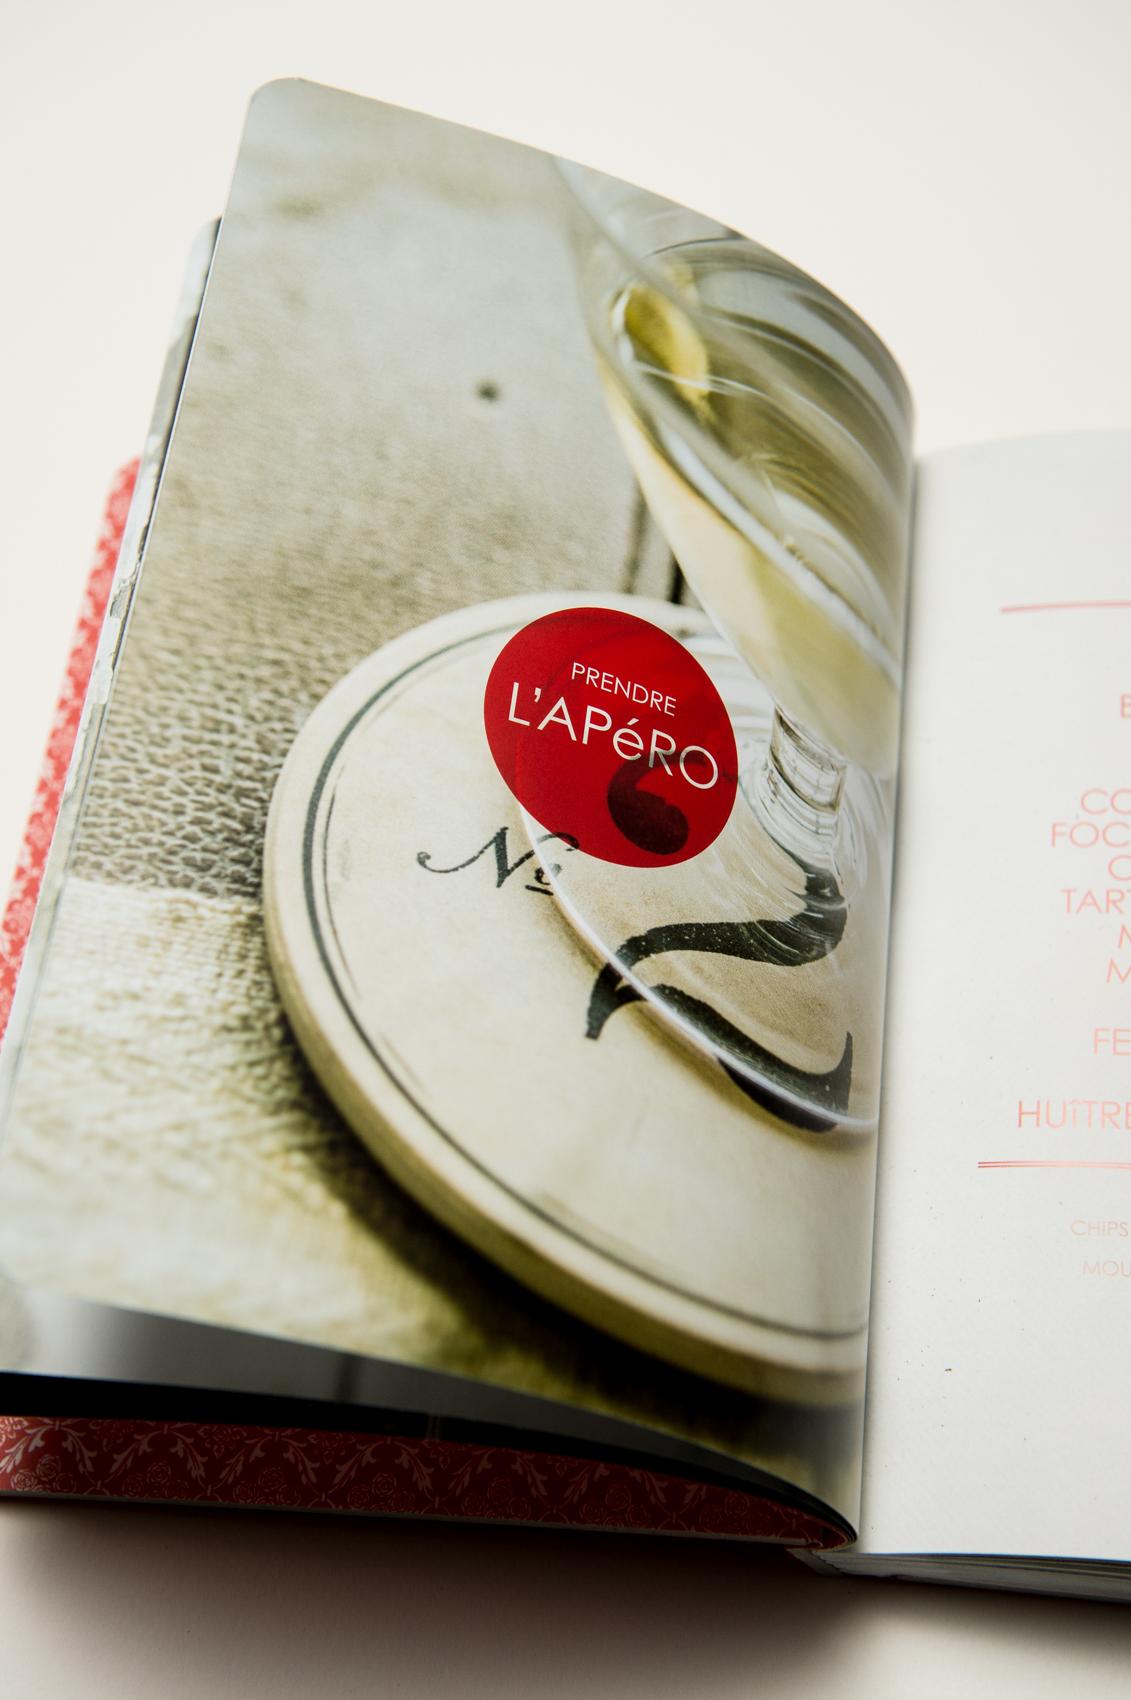 carnet rouge Josée di_Stasio  client : flammarion qc  design graphique: orangetango  direction de création: mario mercier    © dominique t skoltz